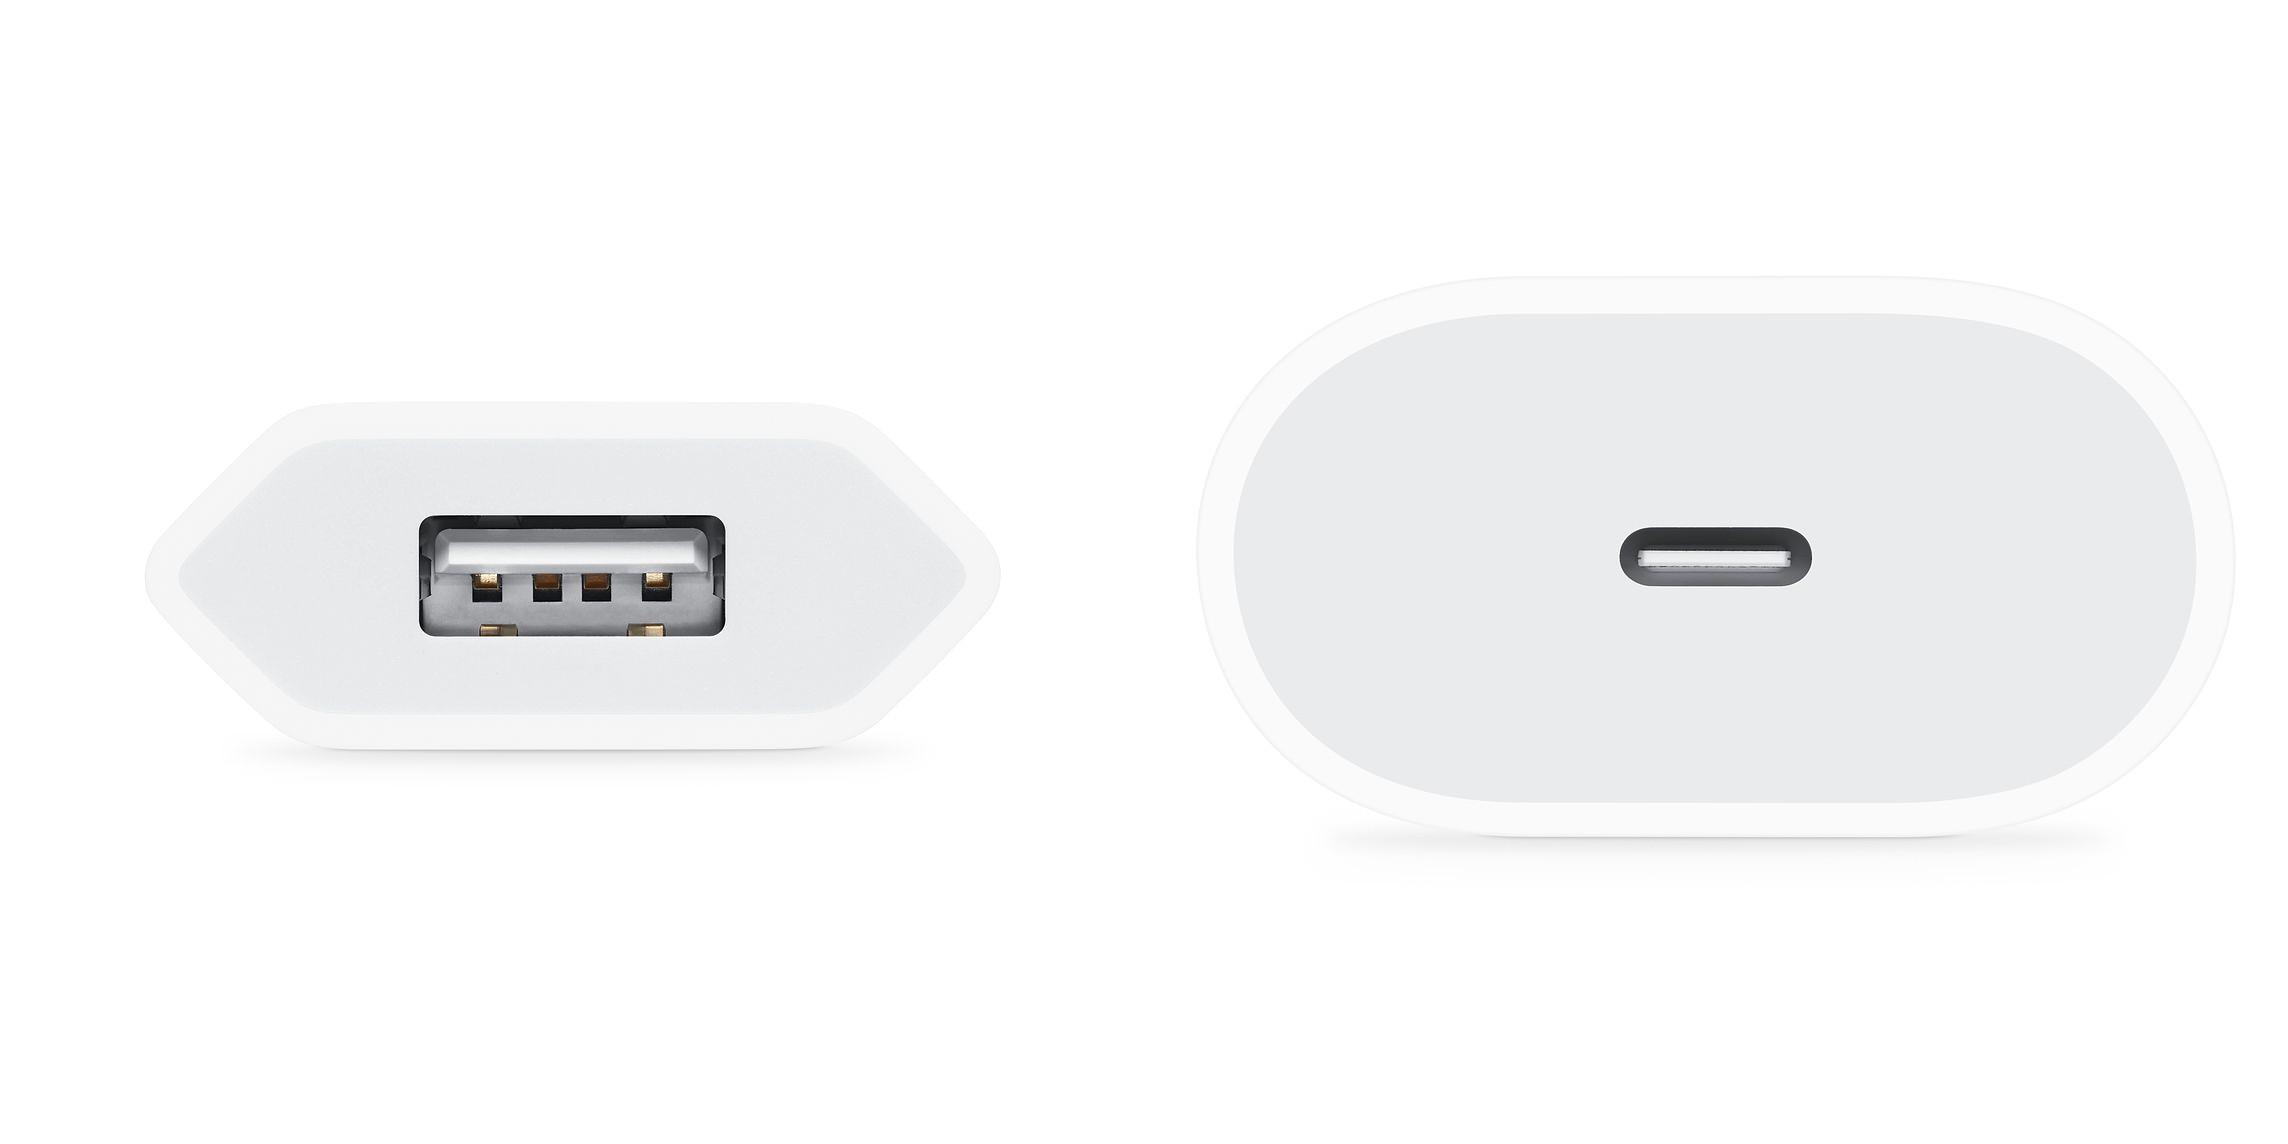 Apple e Samsung não convencem com argumento ambiental para falta de carregadores em smartphones, diz governo